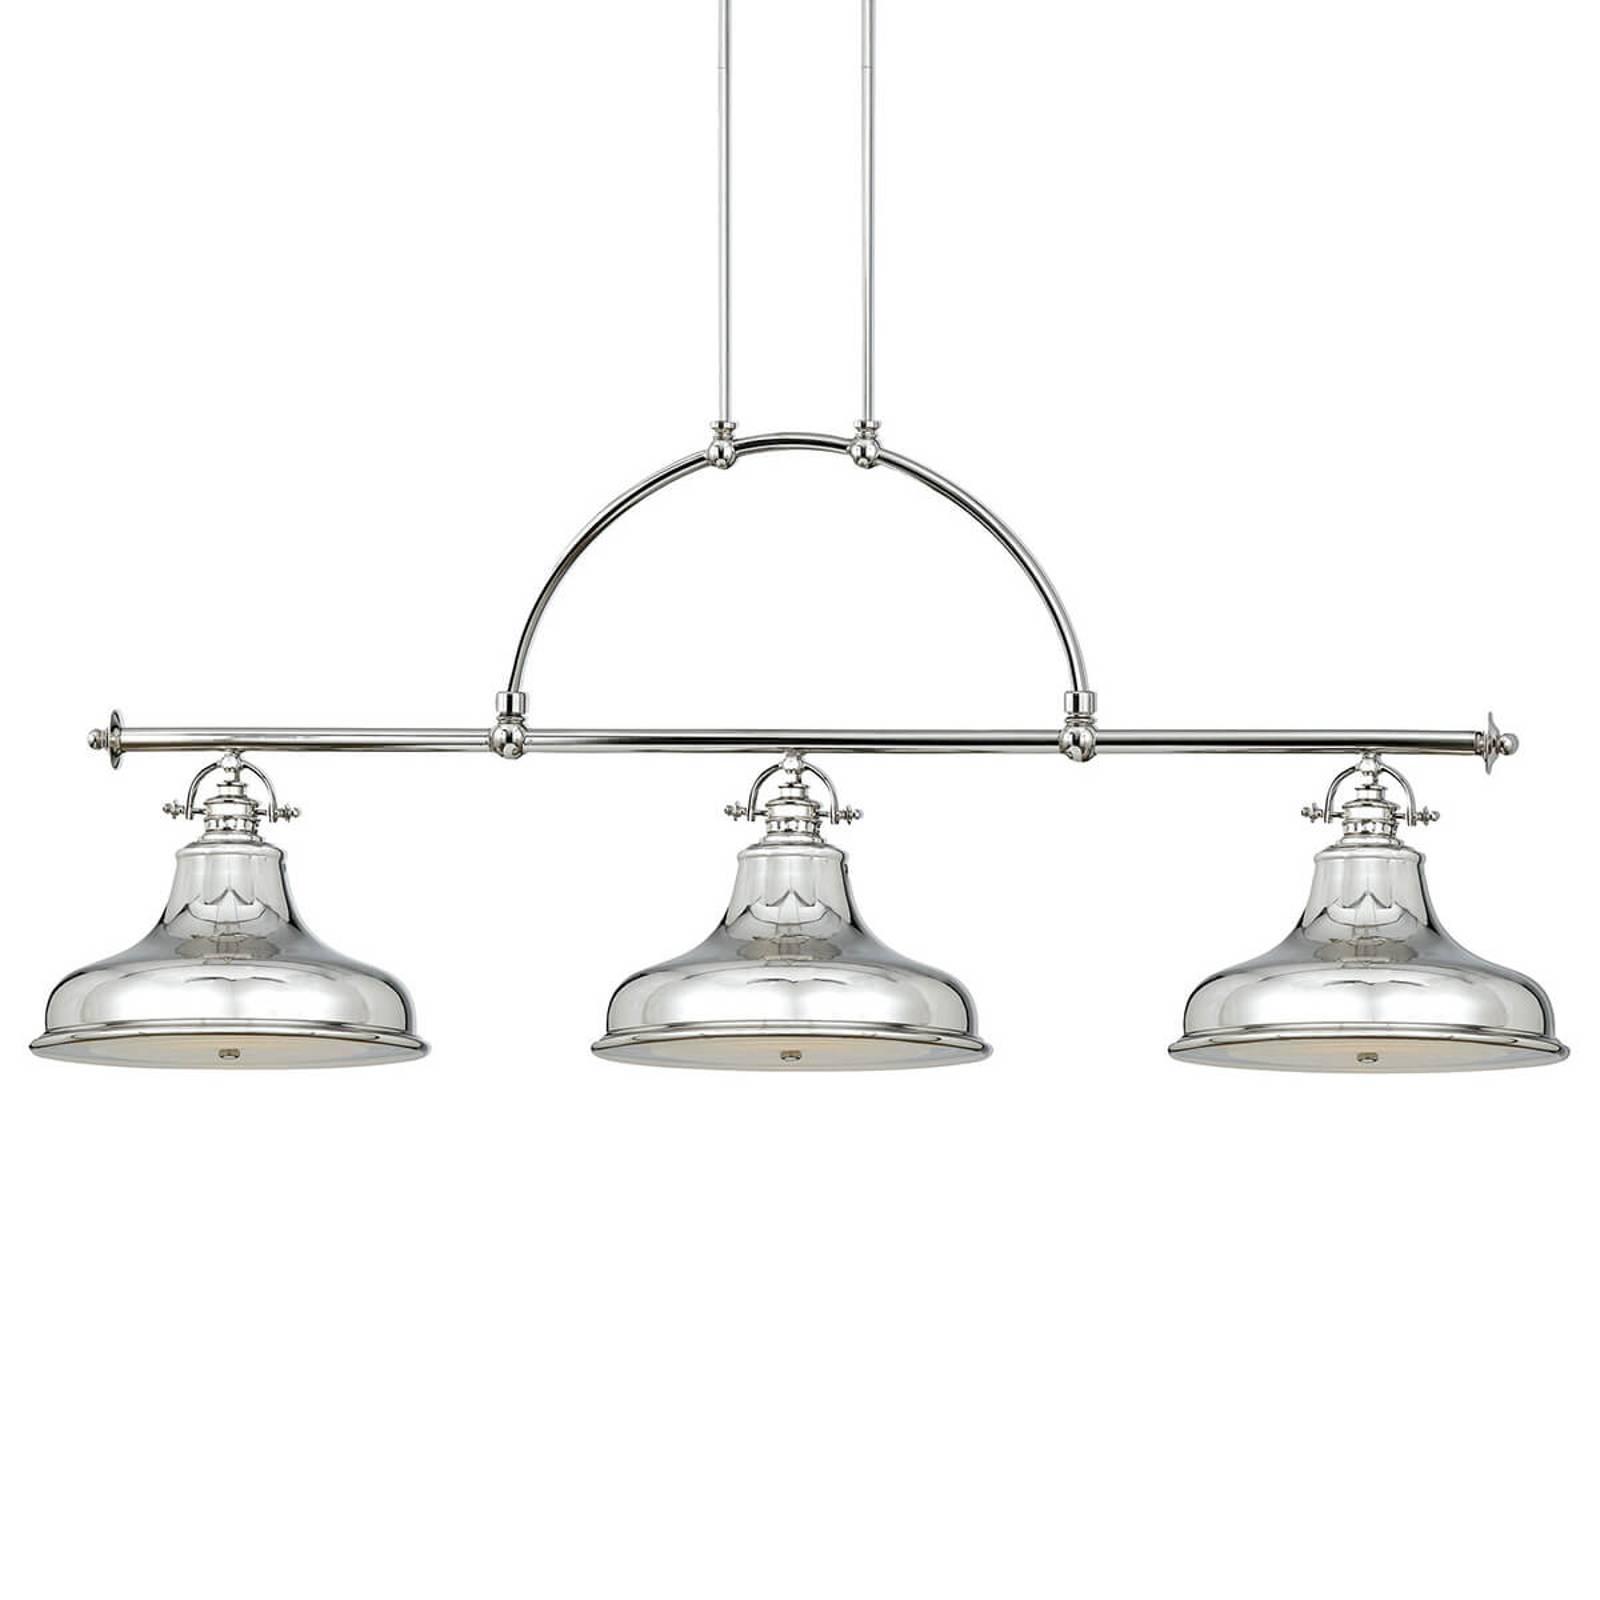 Hanglamp Emery 3-lamps zilver